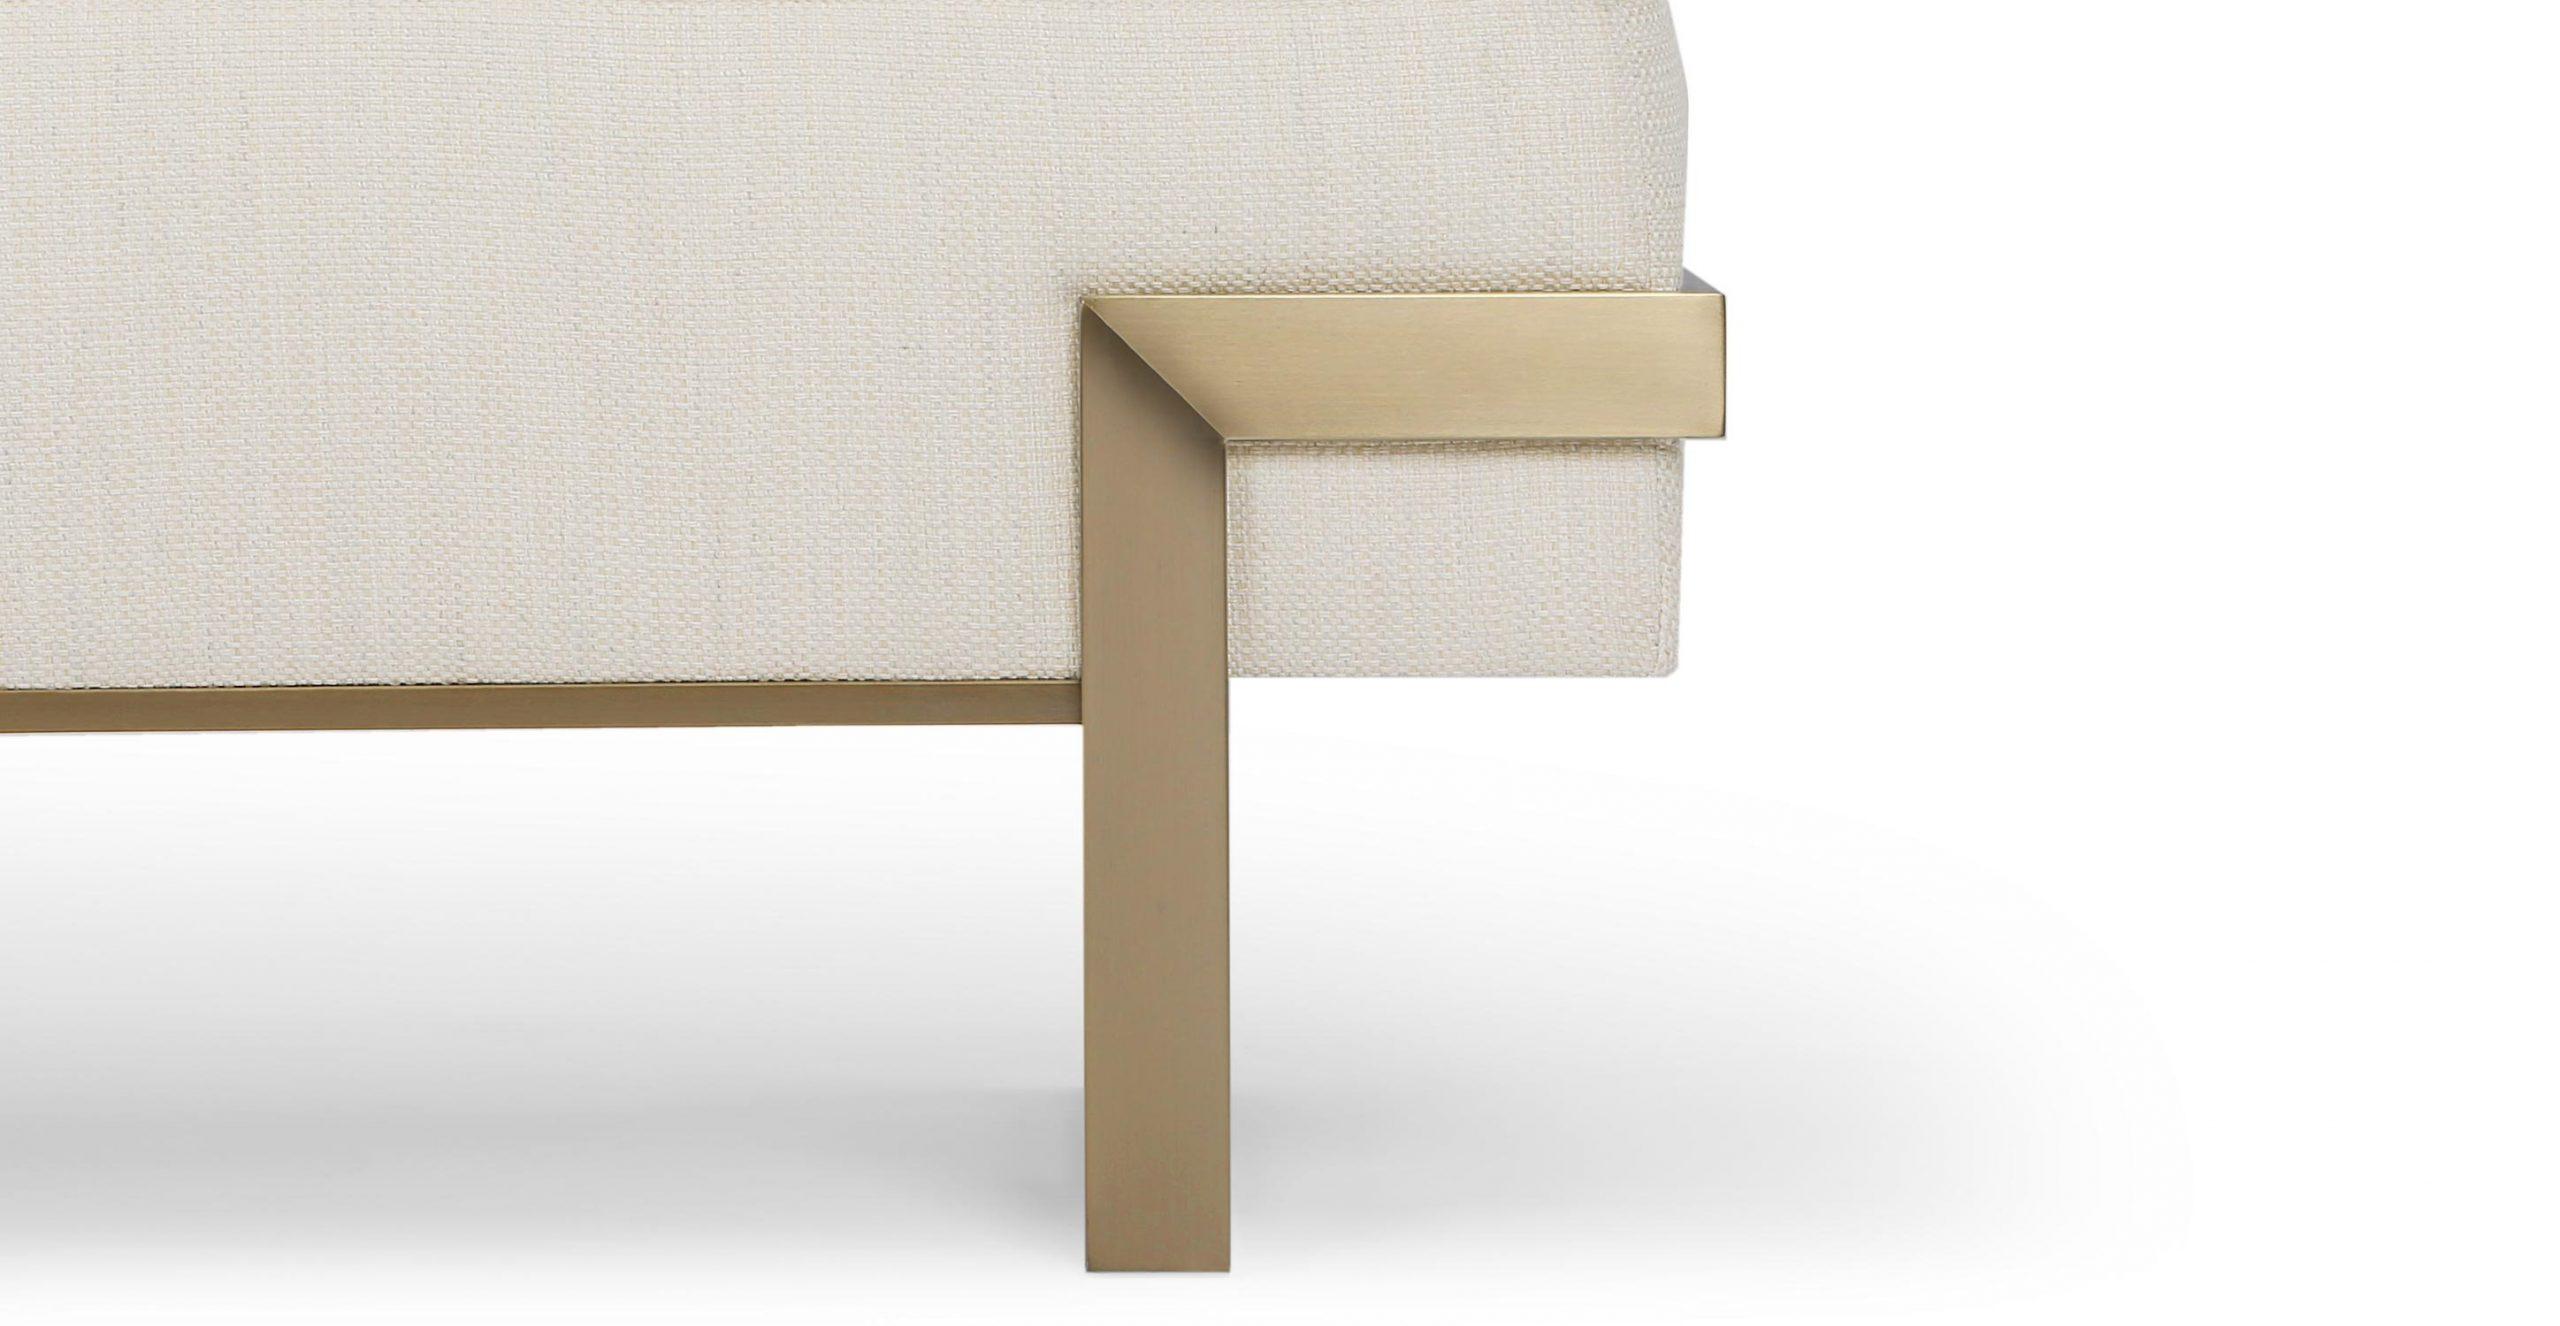 Banc Design - Beige Nordique & Laiton - Nv Gallery ... destiné Meuble Tv Vertigo But